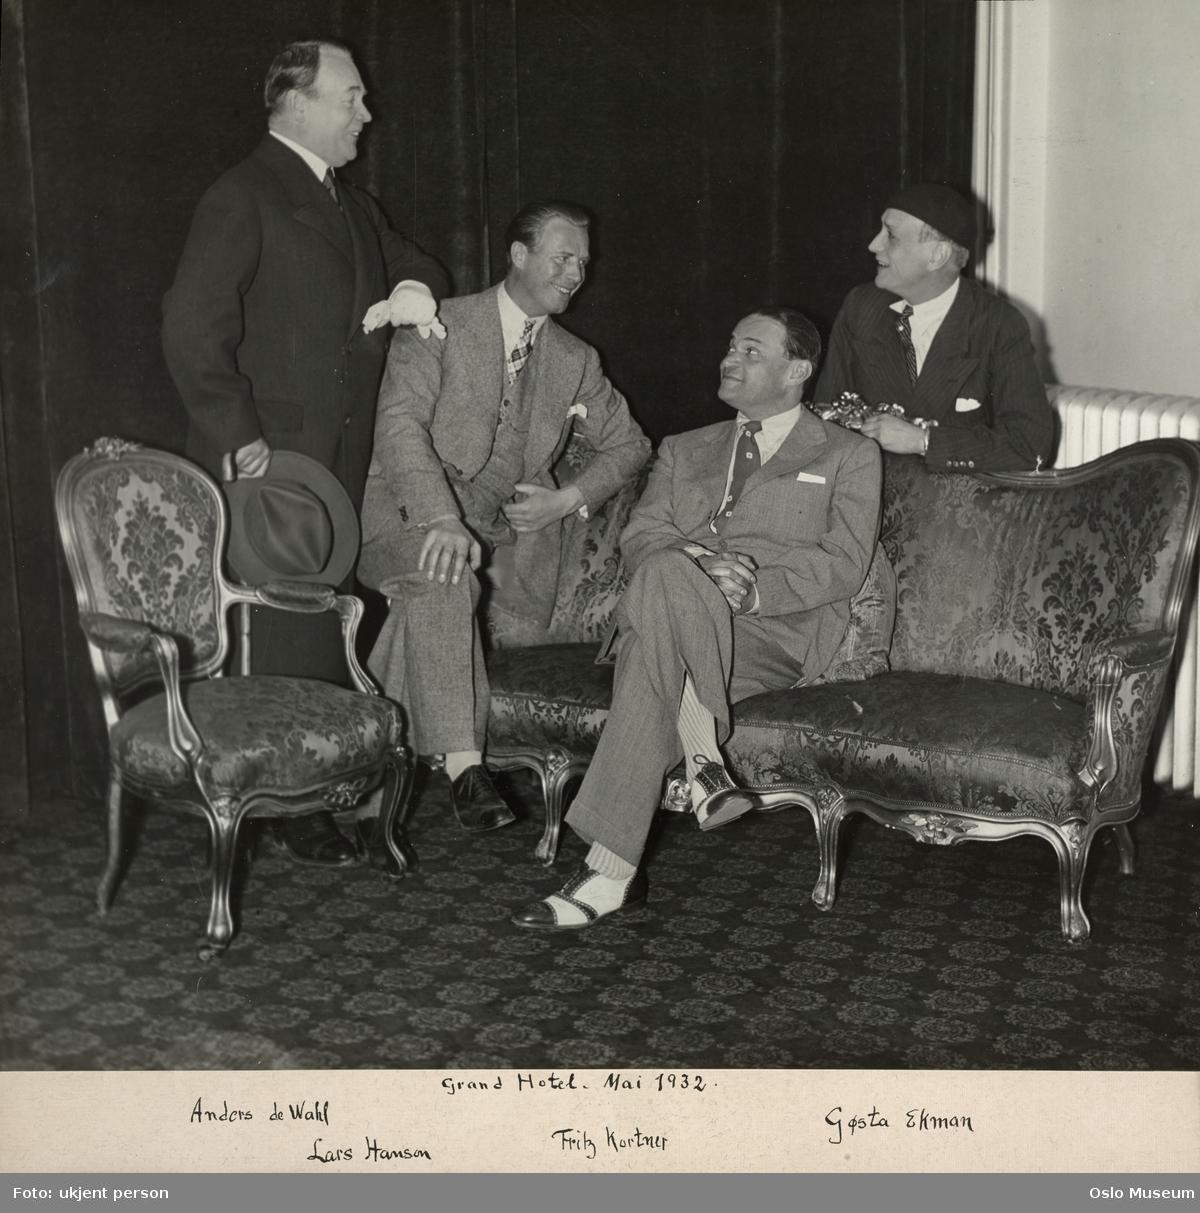 Grand Hotel, interiør, gruppe, menn, skuespillere, sittende og stående helfigur